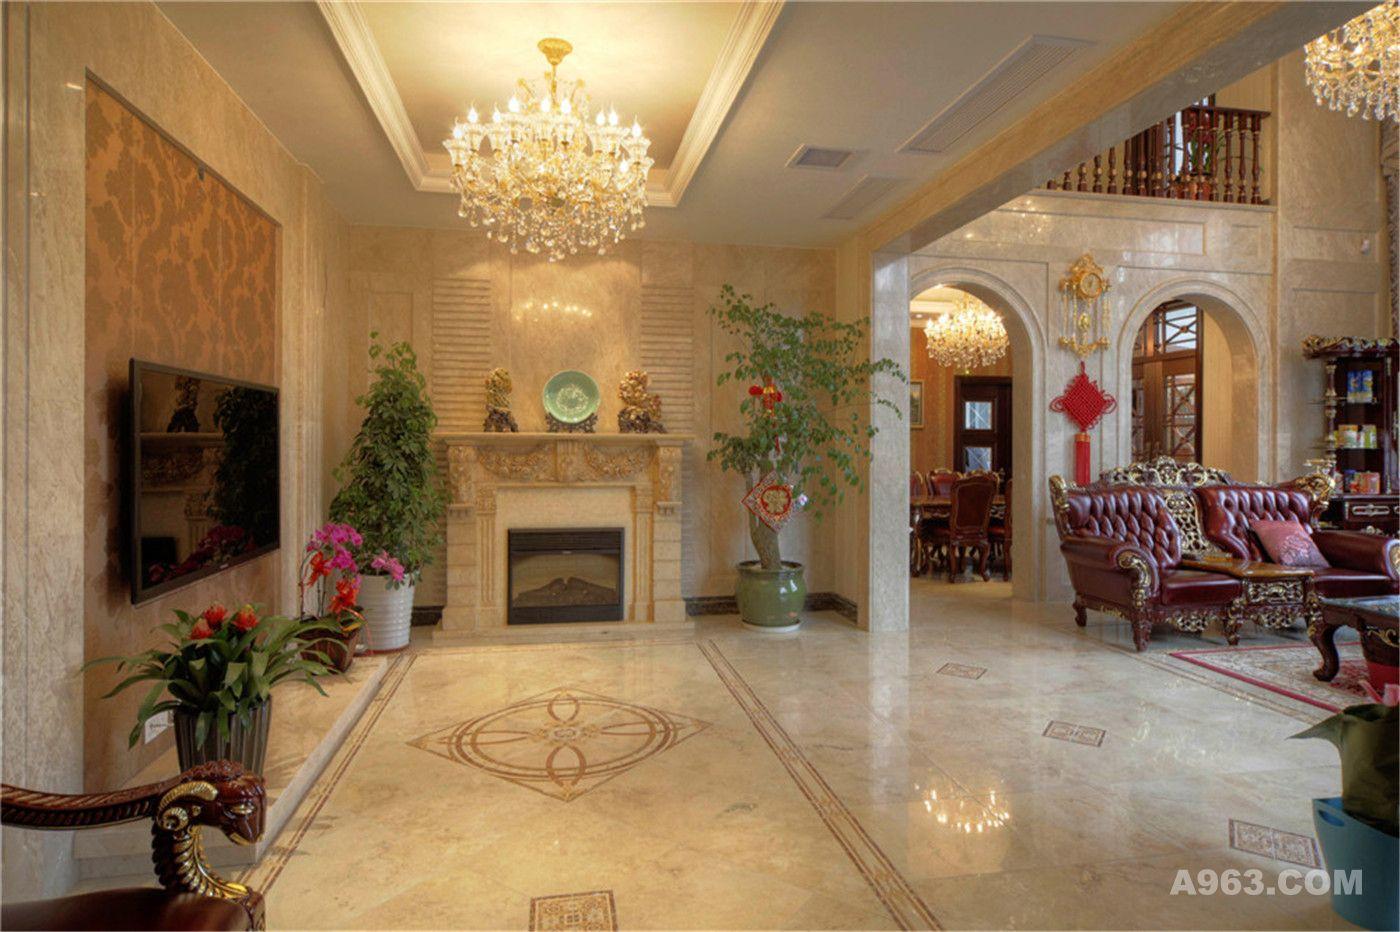 上海腾龙别墅设计 设计说明:美式风格,深色木梁结构加上拱形门套造型